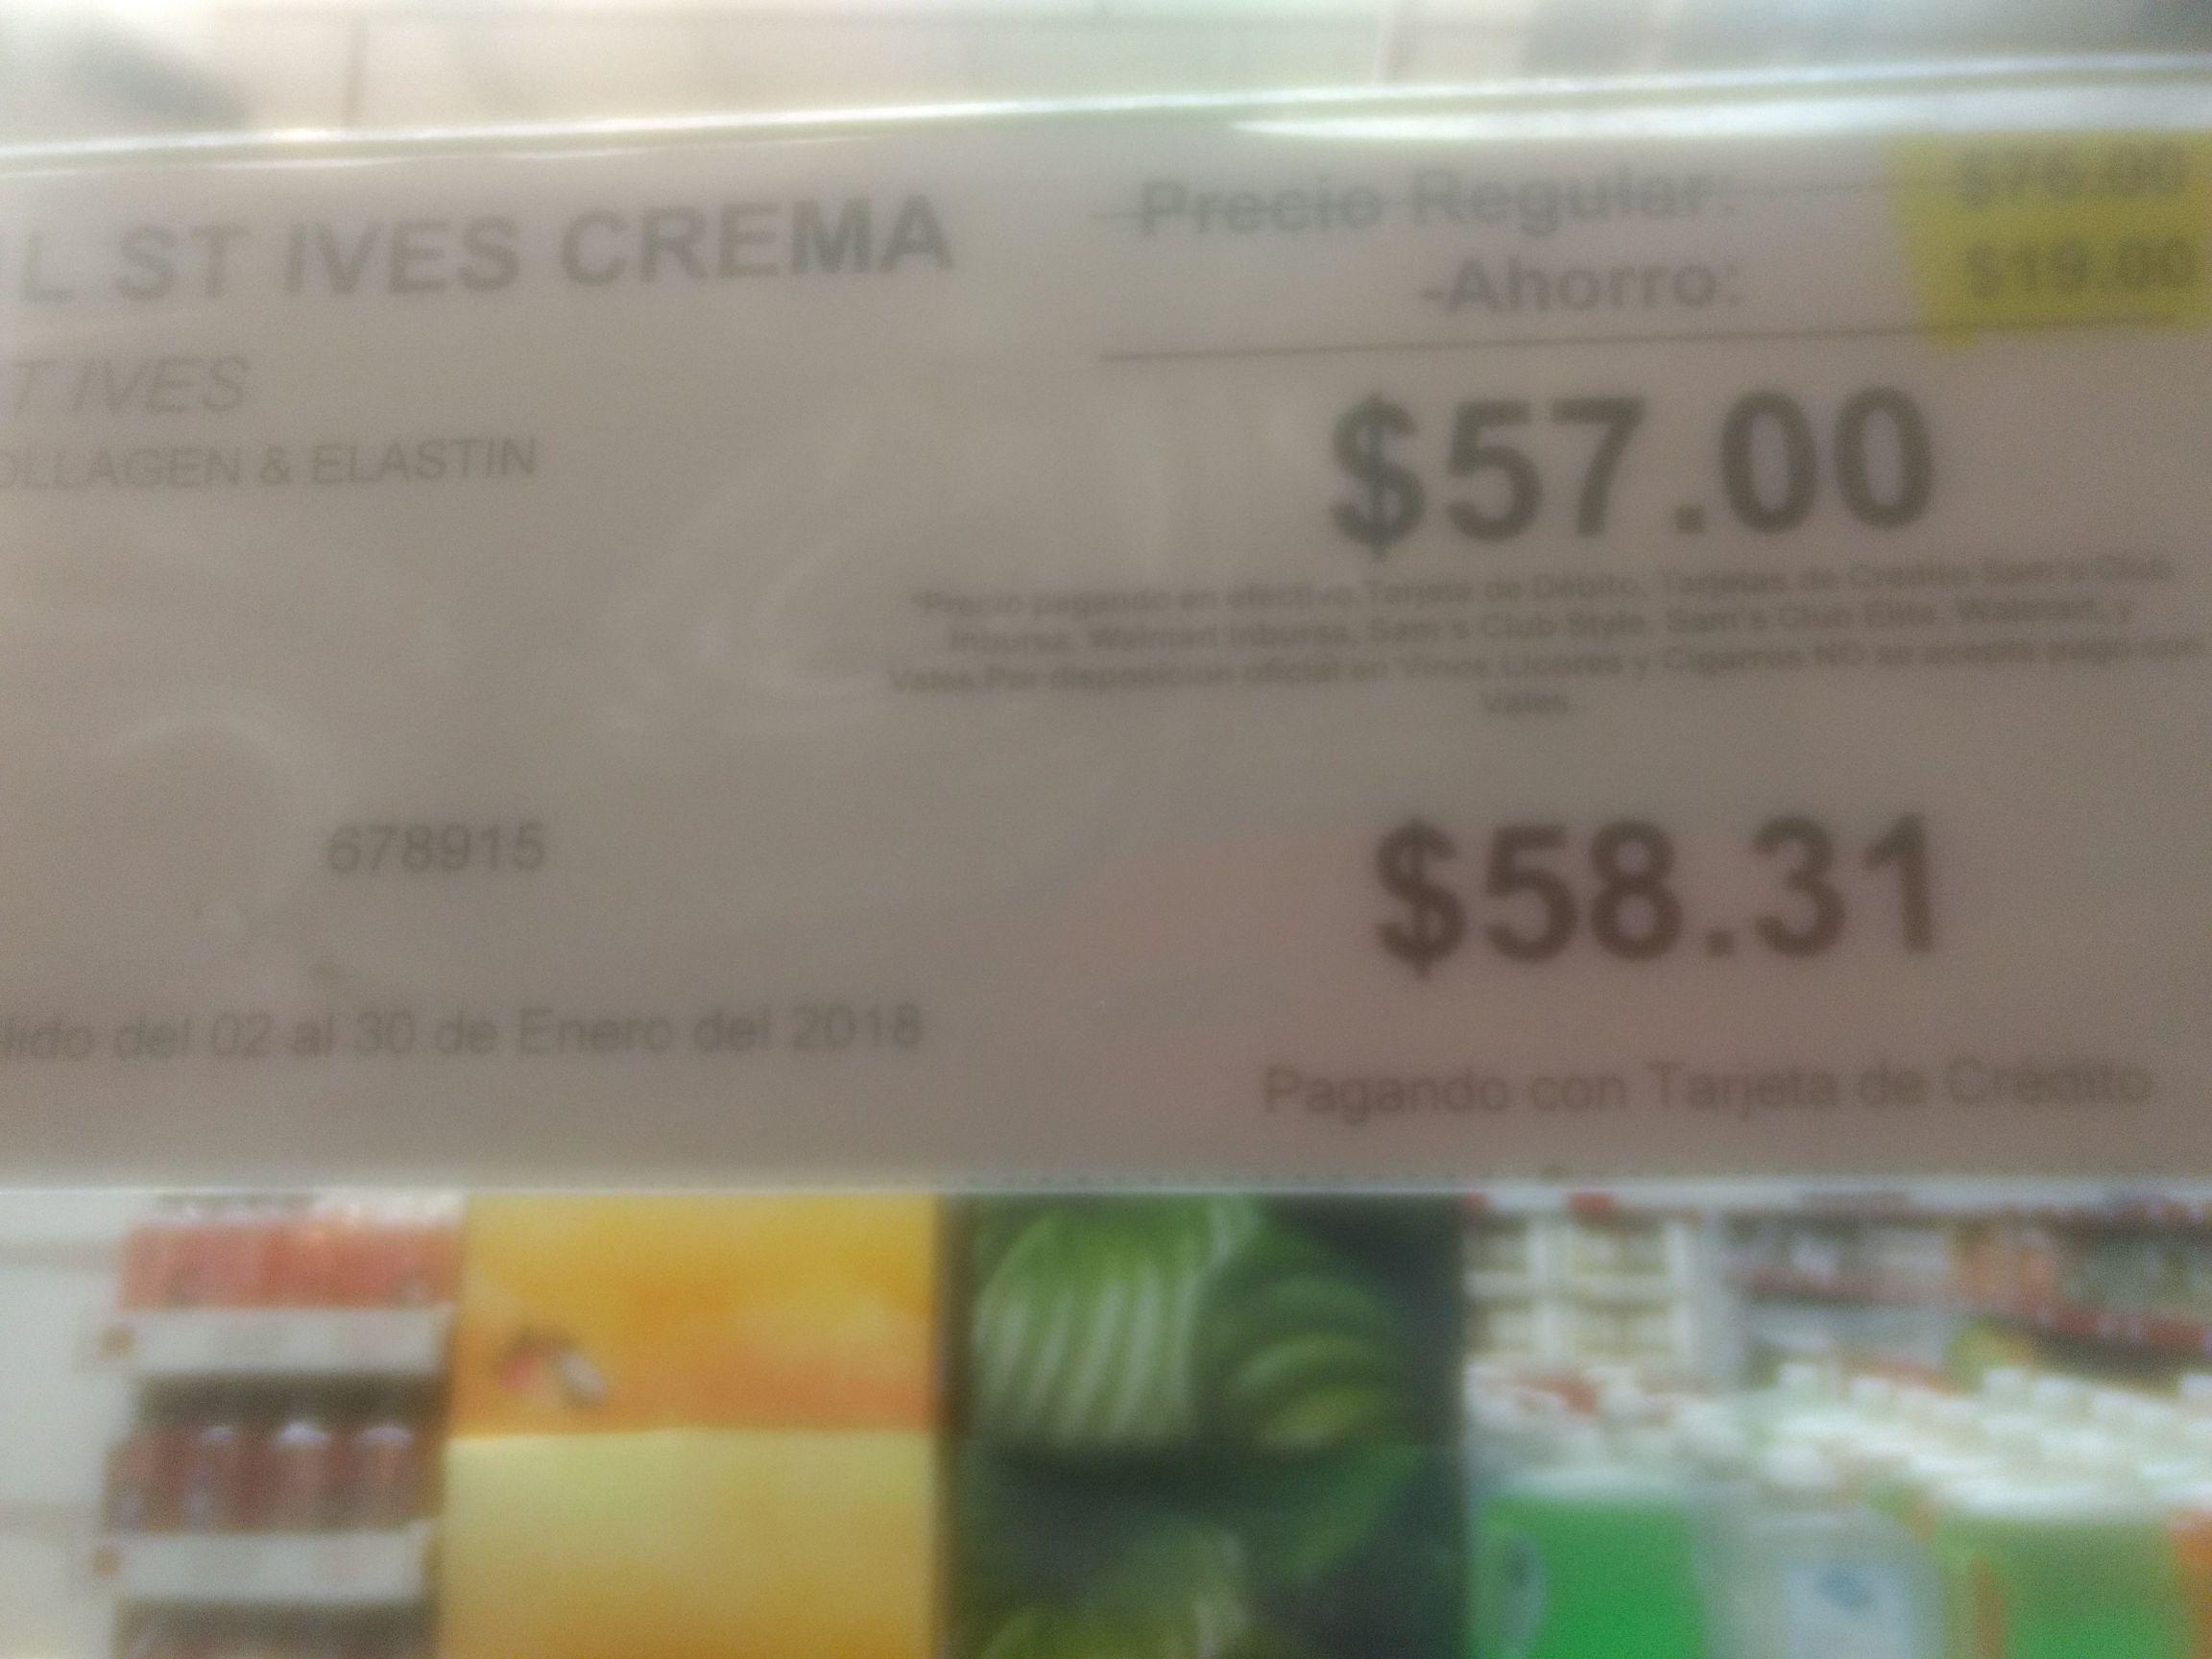 Sam's Club Tuxtepec Oaxaca: Crema st.Vies a $57